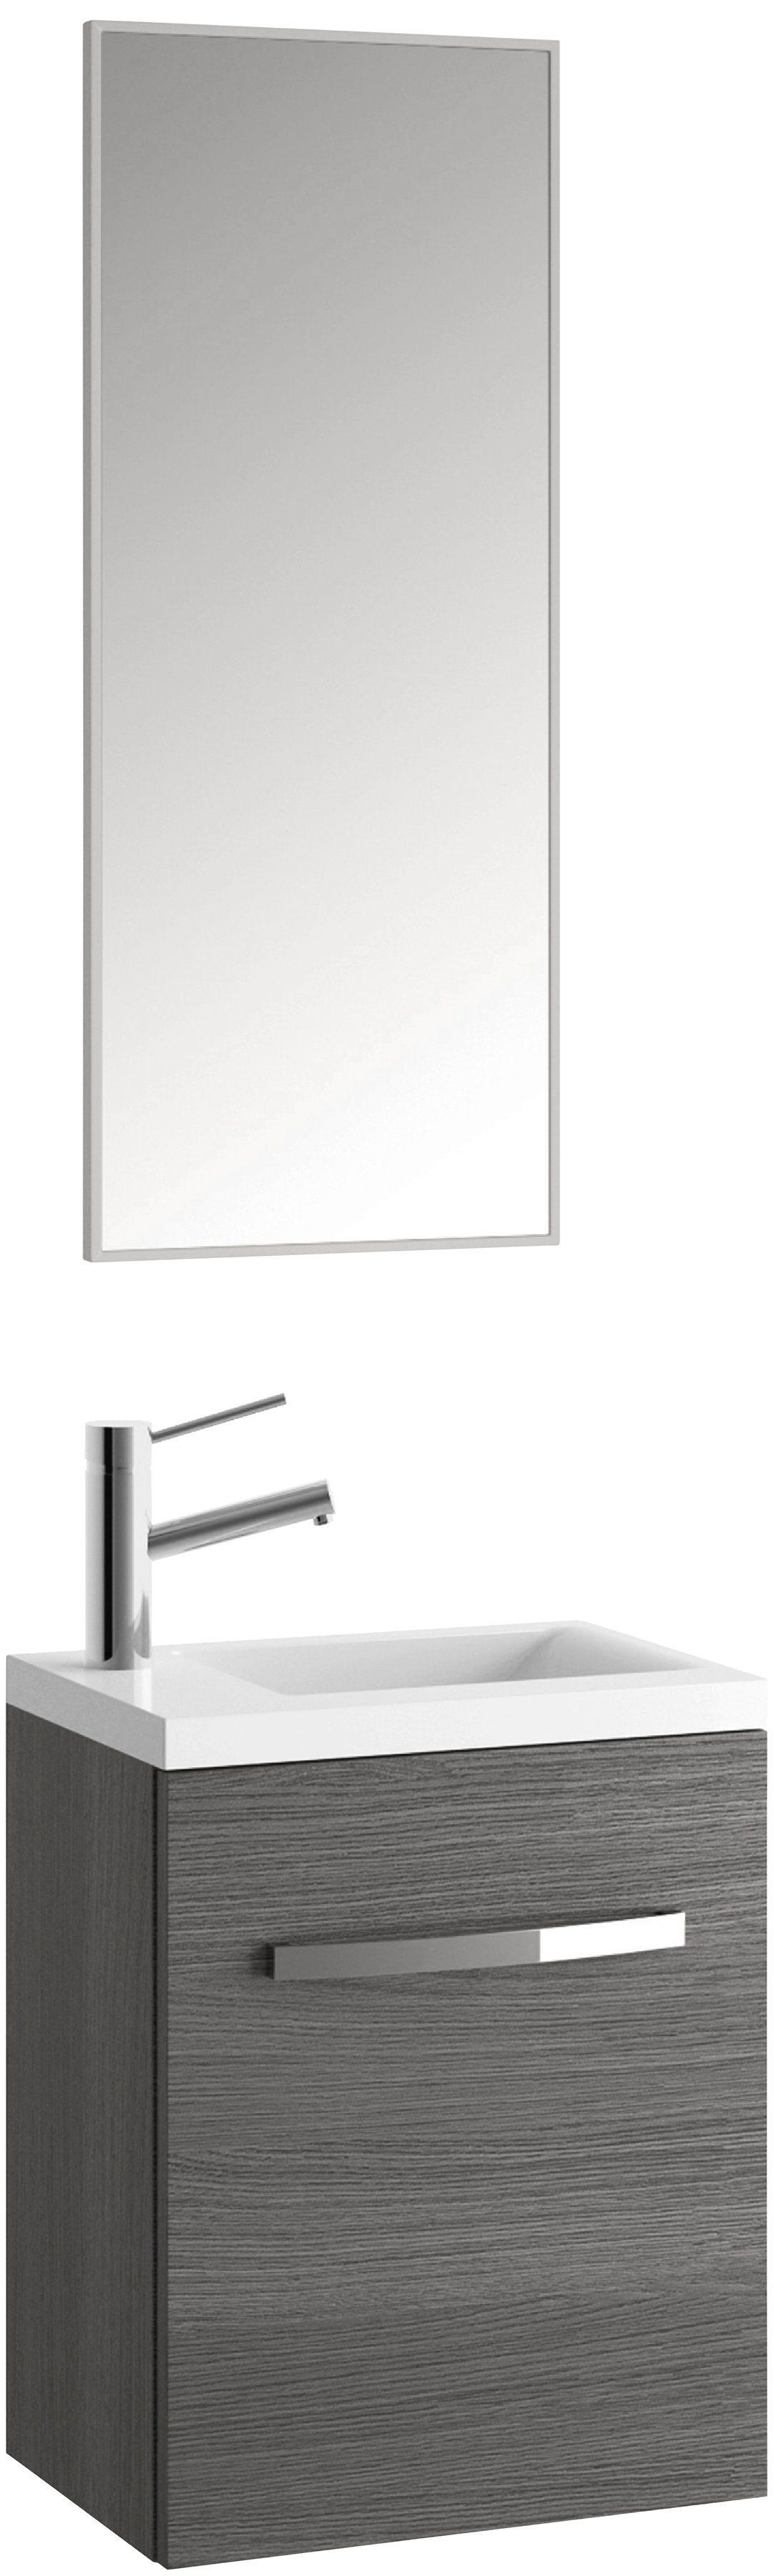 Möbel und Accessoires fürs Bad online kaufen | Möbel-Suchmaschine ...